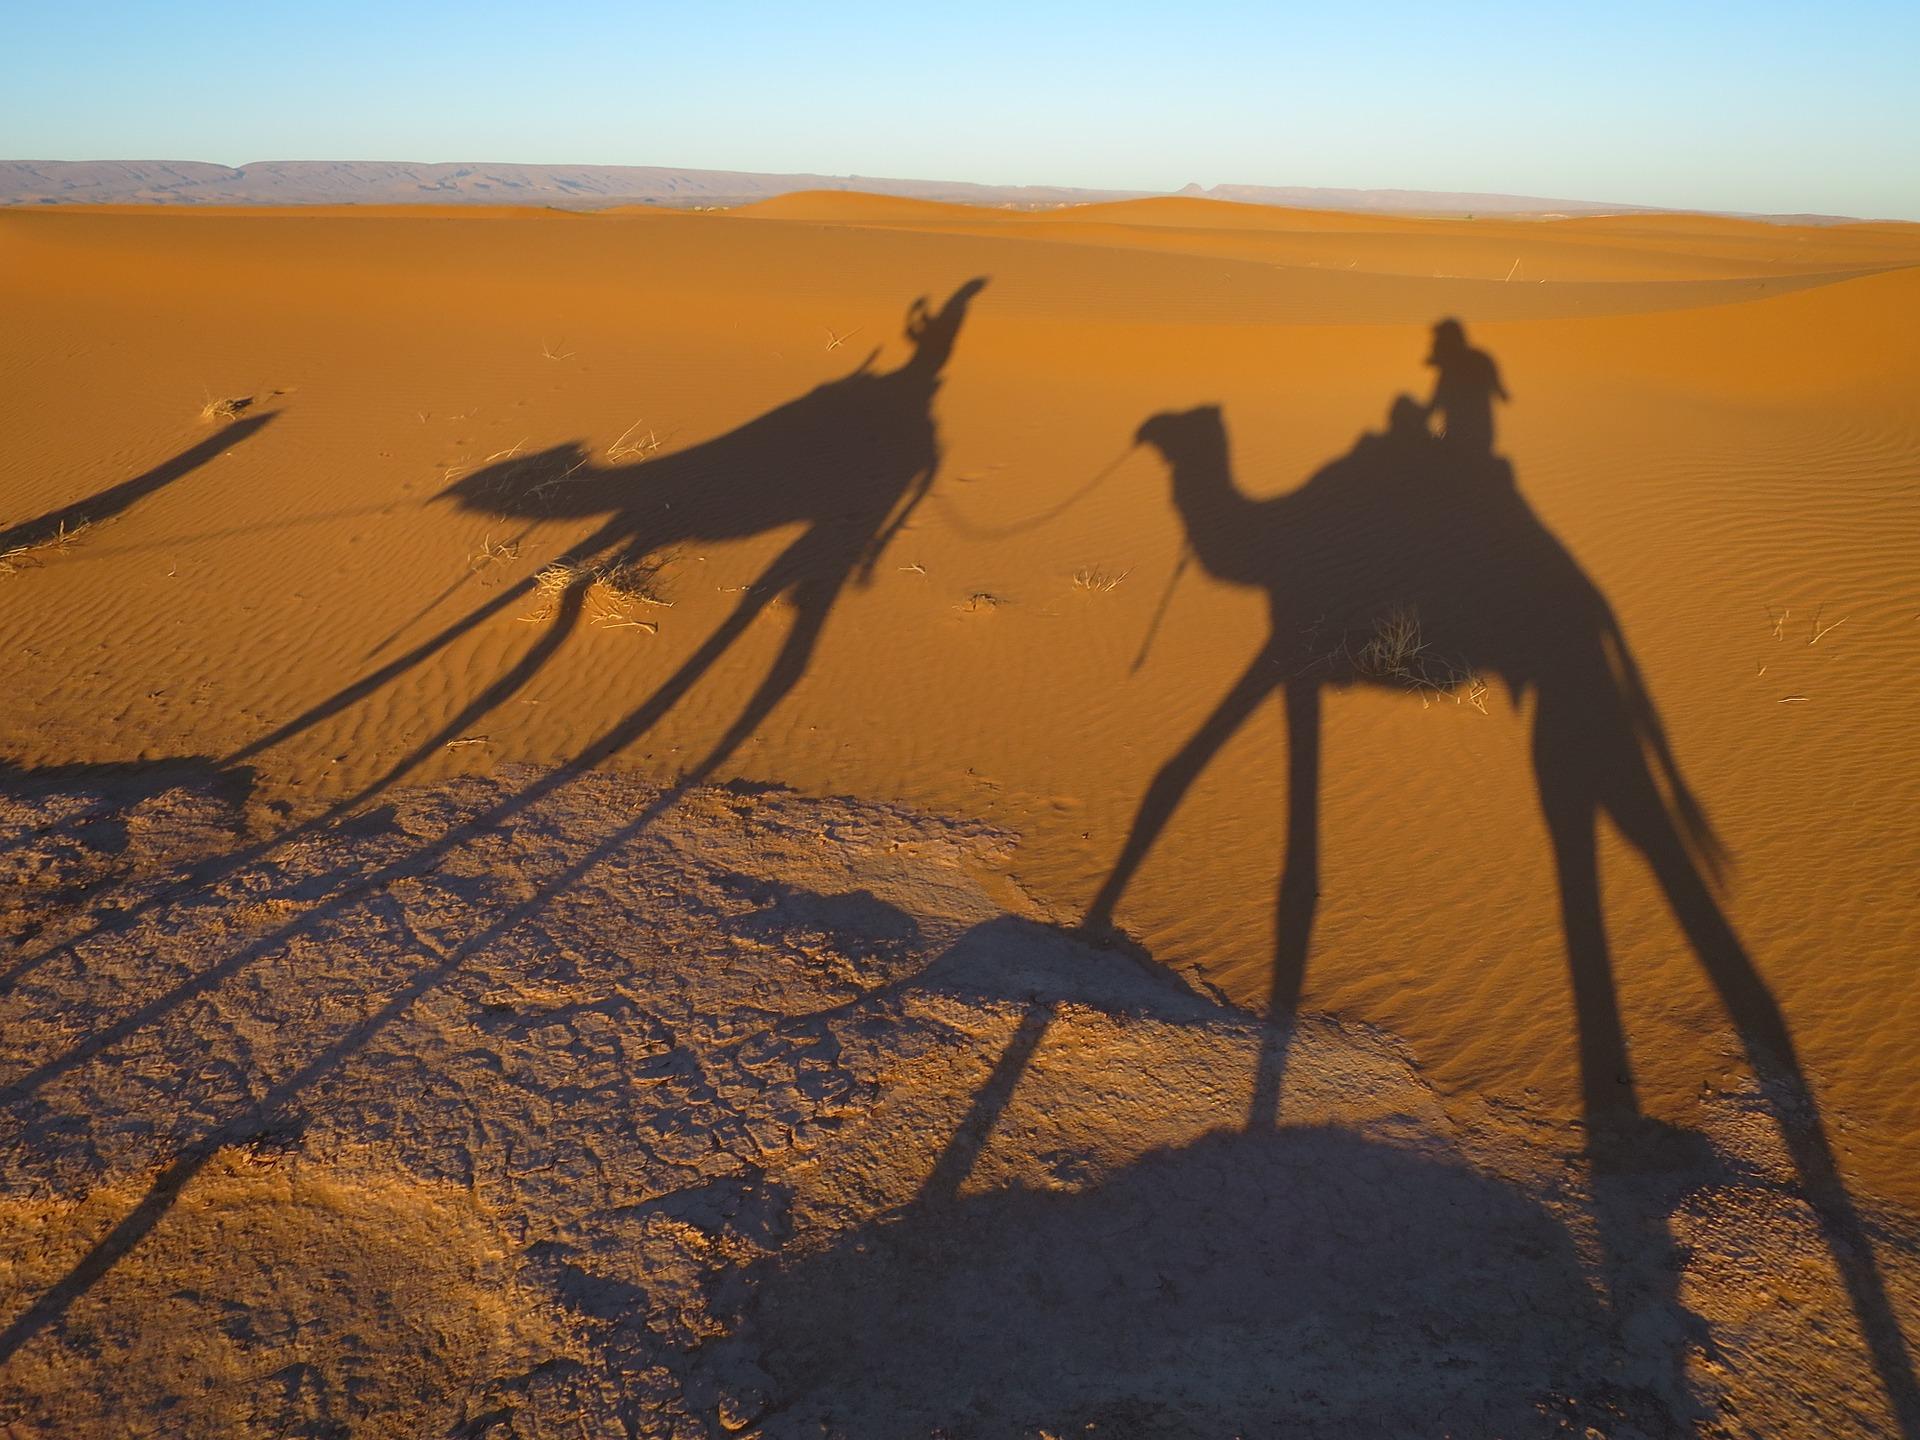 desert-1199885_1920.jpg